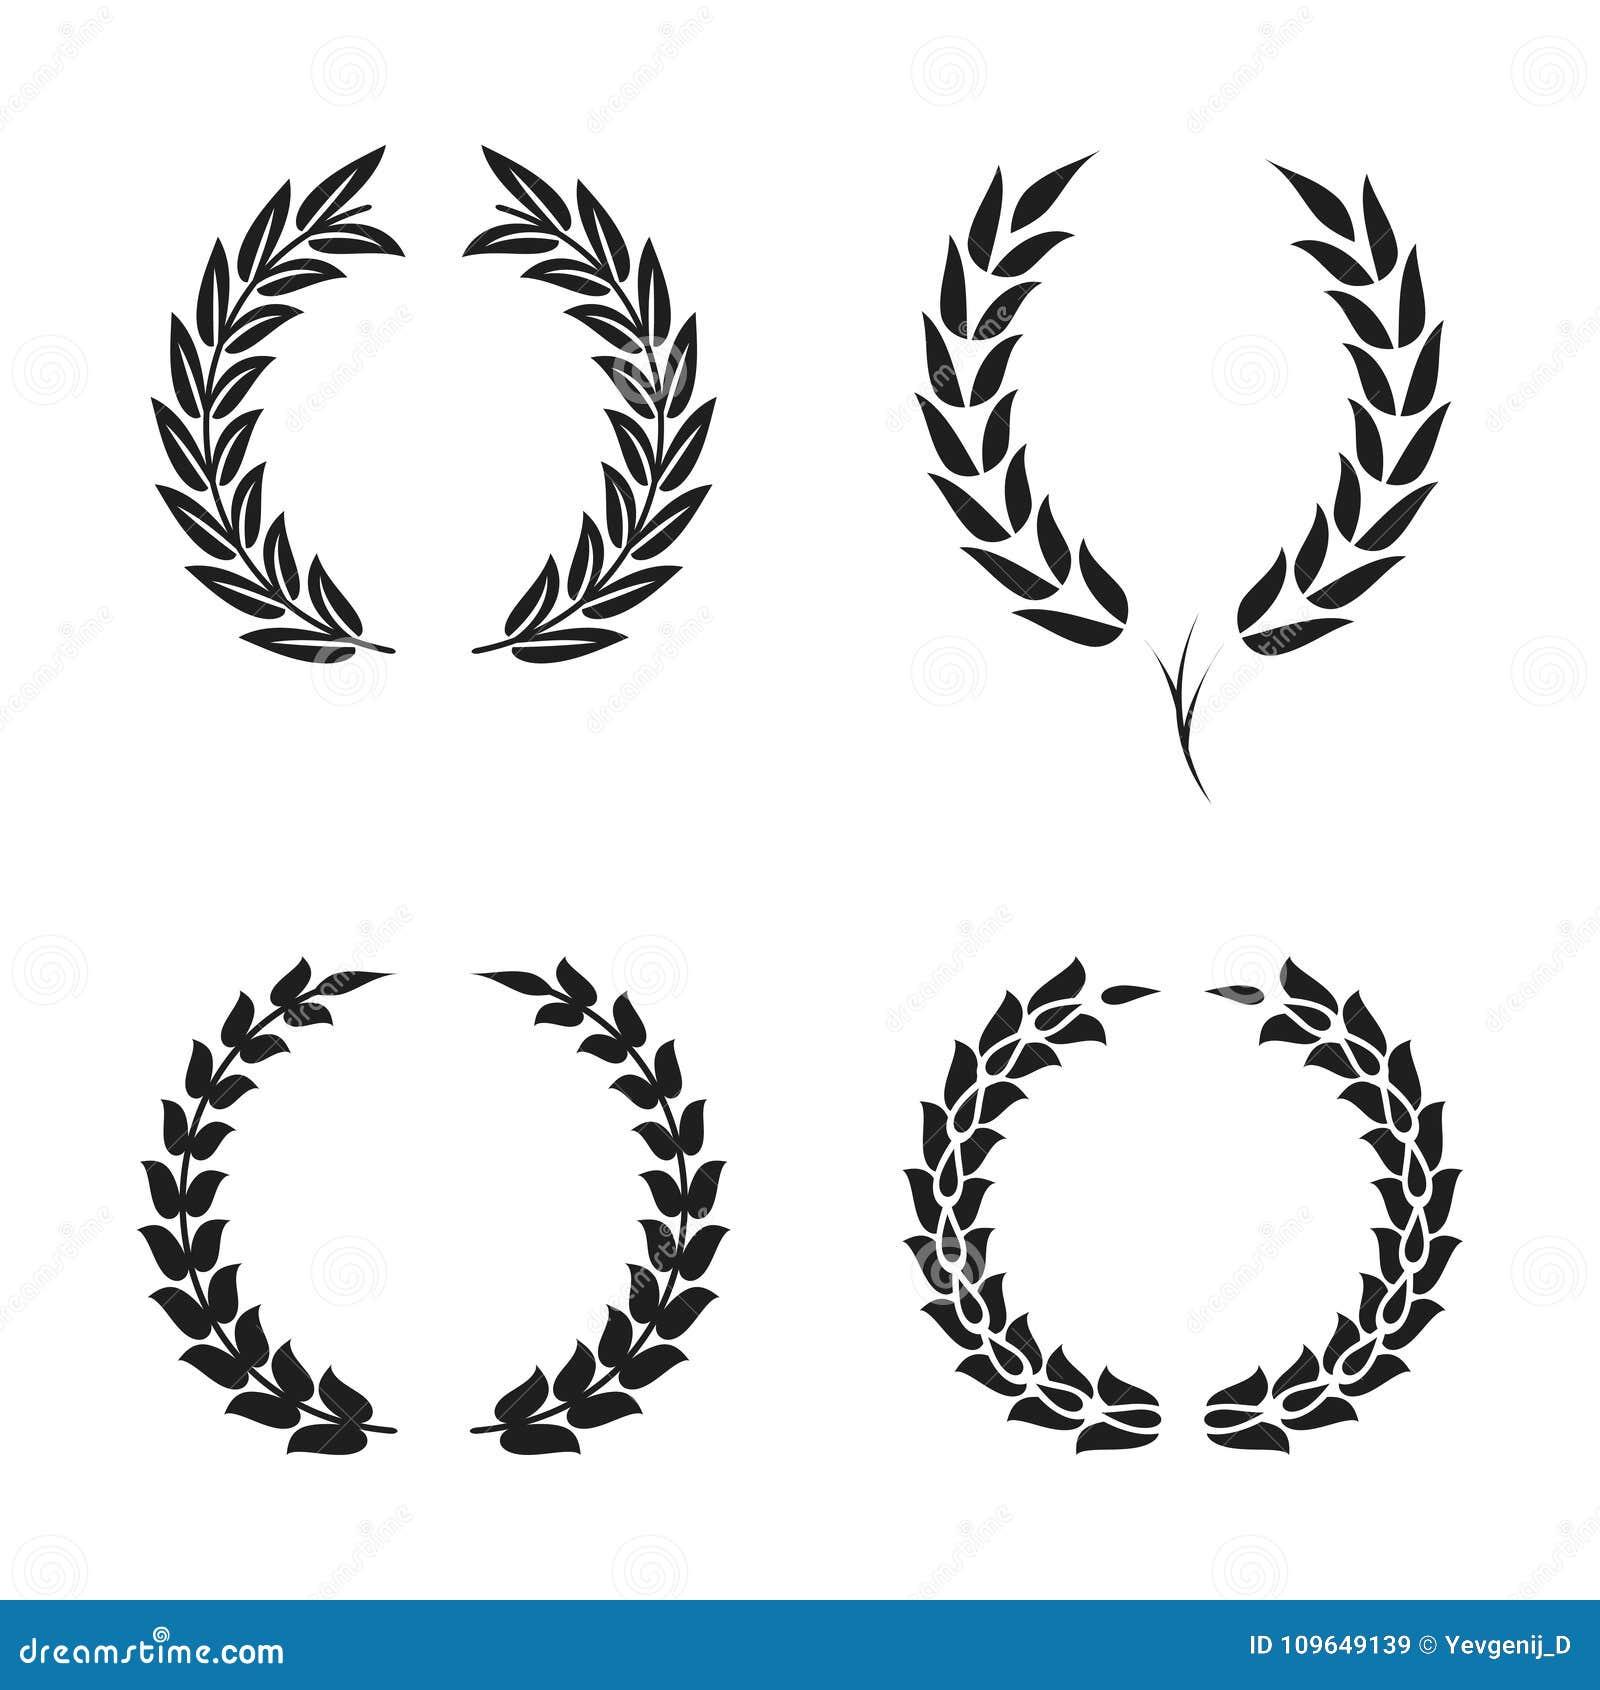 Laurowego wianku blaszkowi symbole ustawiający Czarne kółkowe sylwetki laurowy wianek z liśćmi dla nagrody, osiągnięcie